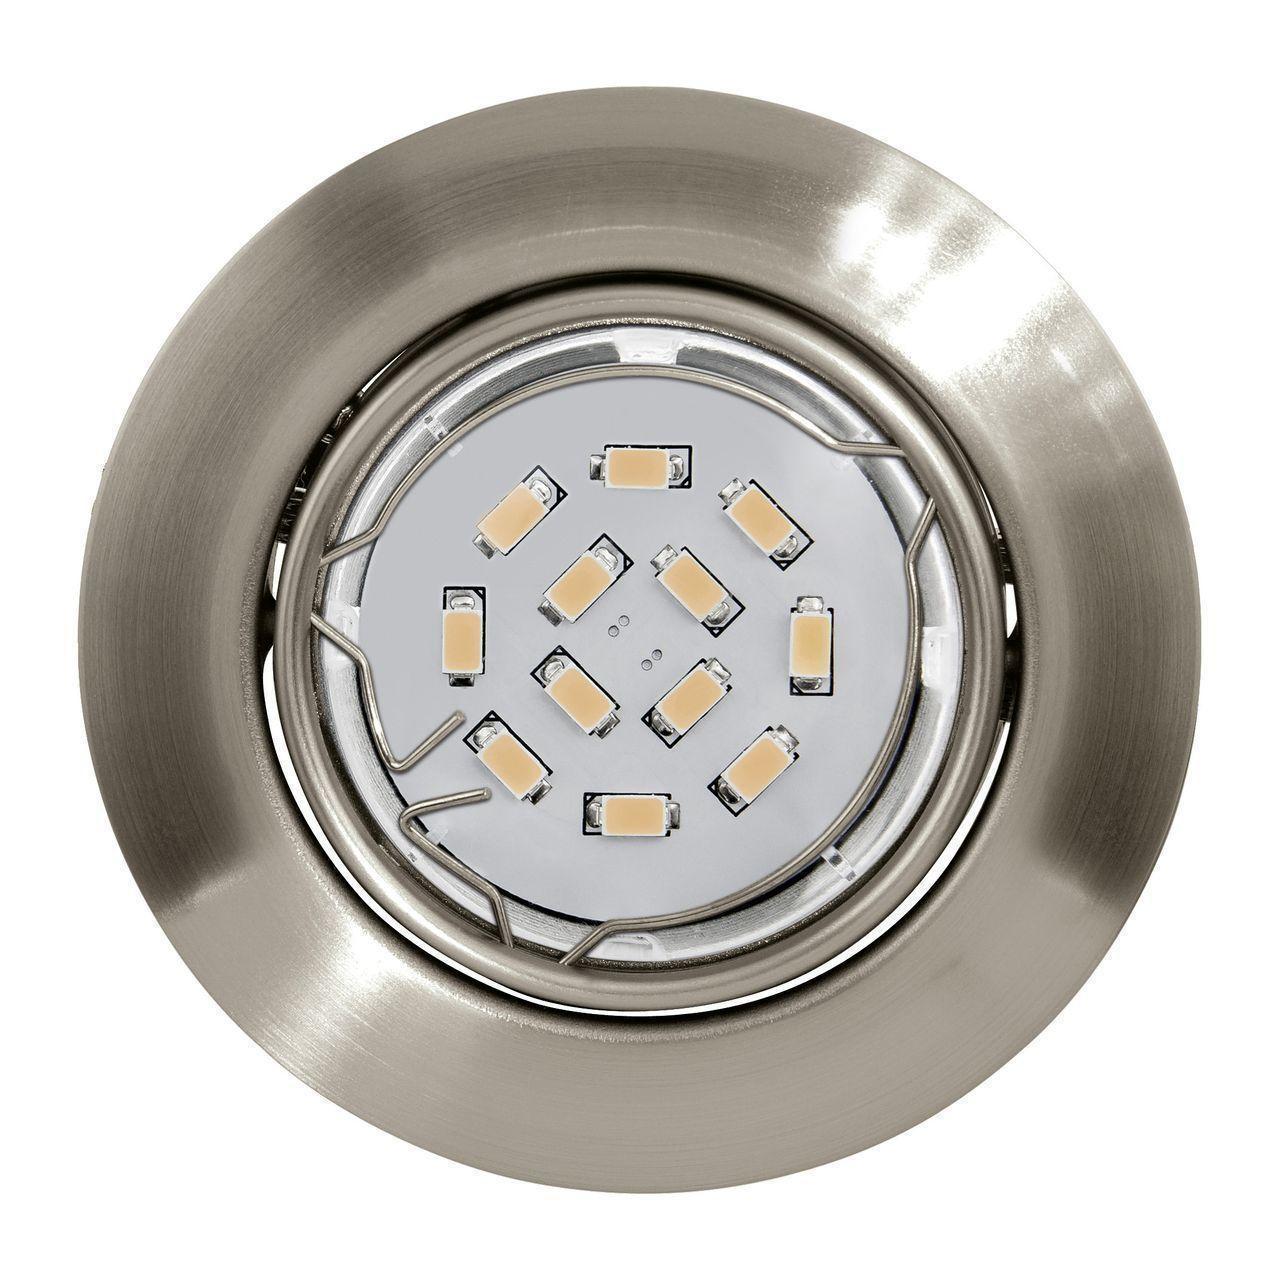 Встраиваемый светильник (в комплекте 3 шт.) Eglo Peneto 94408 eglo встраиваемый светильник eglo peneto 94239